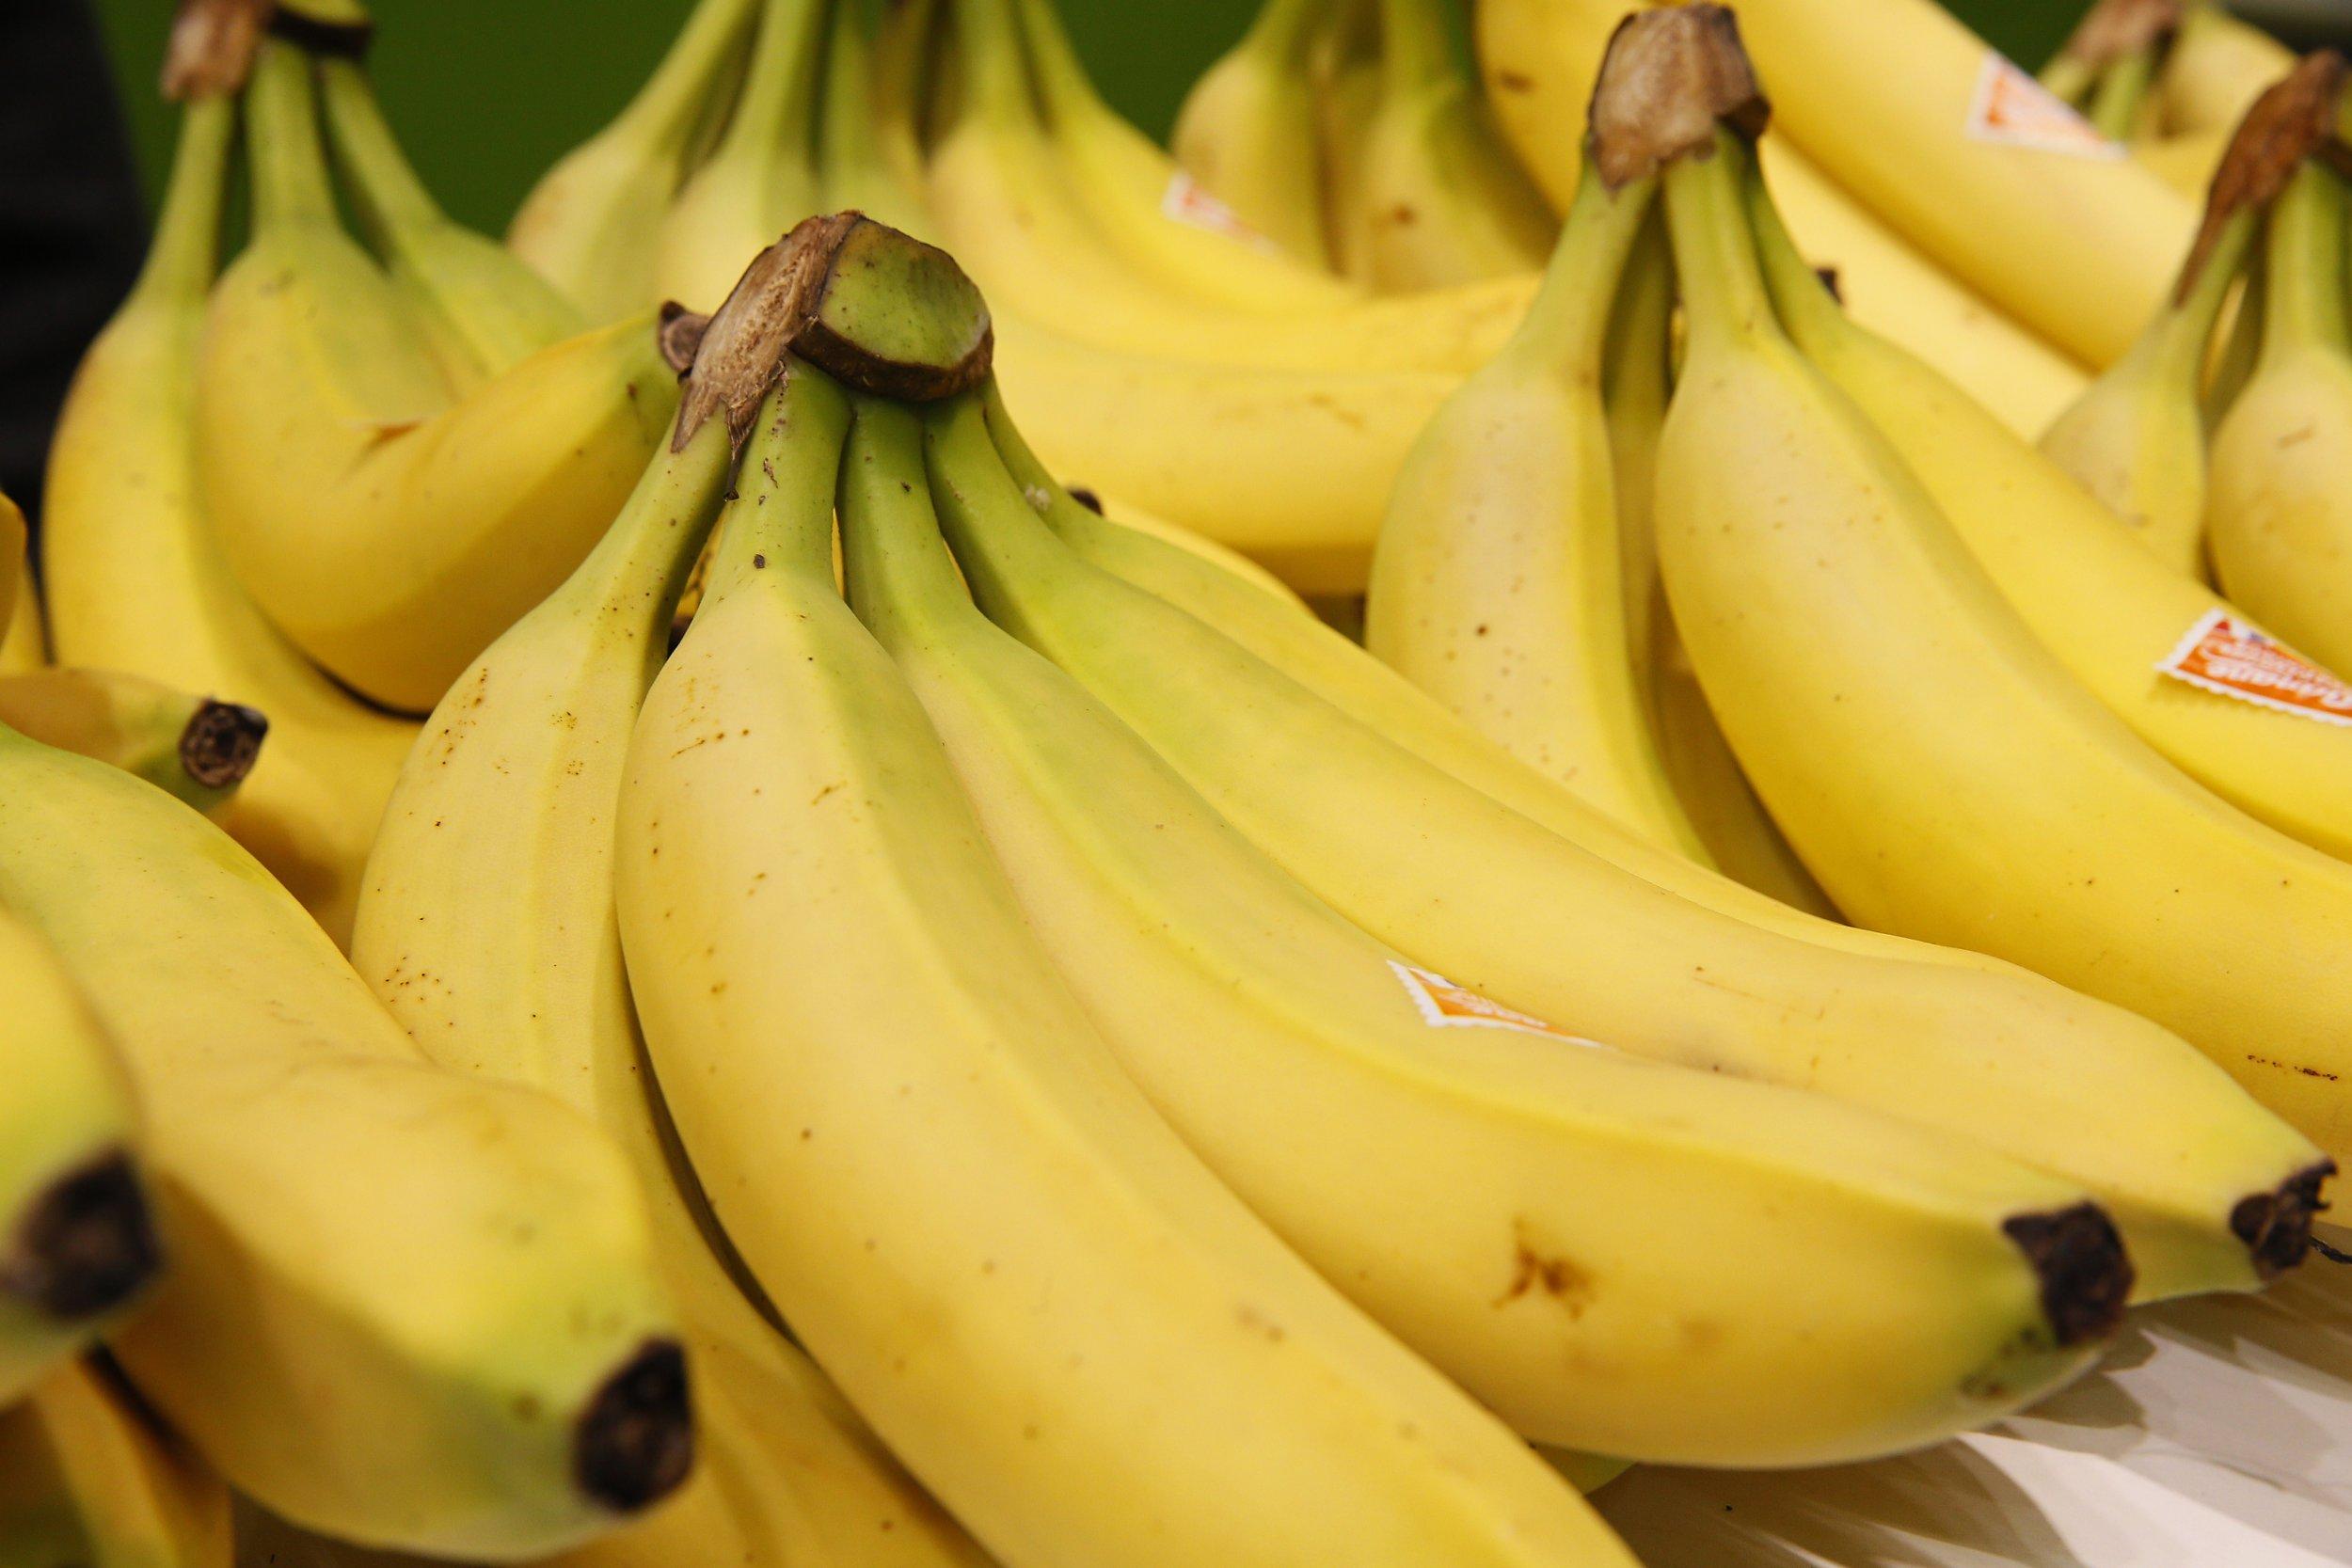 Banana waste as a source of bioenergy - Waste Advantage